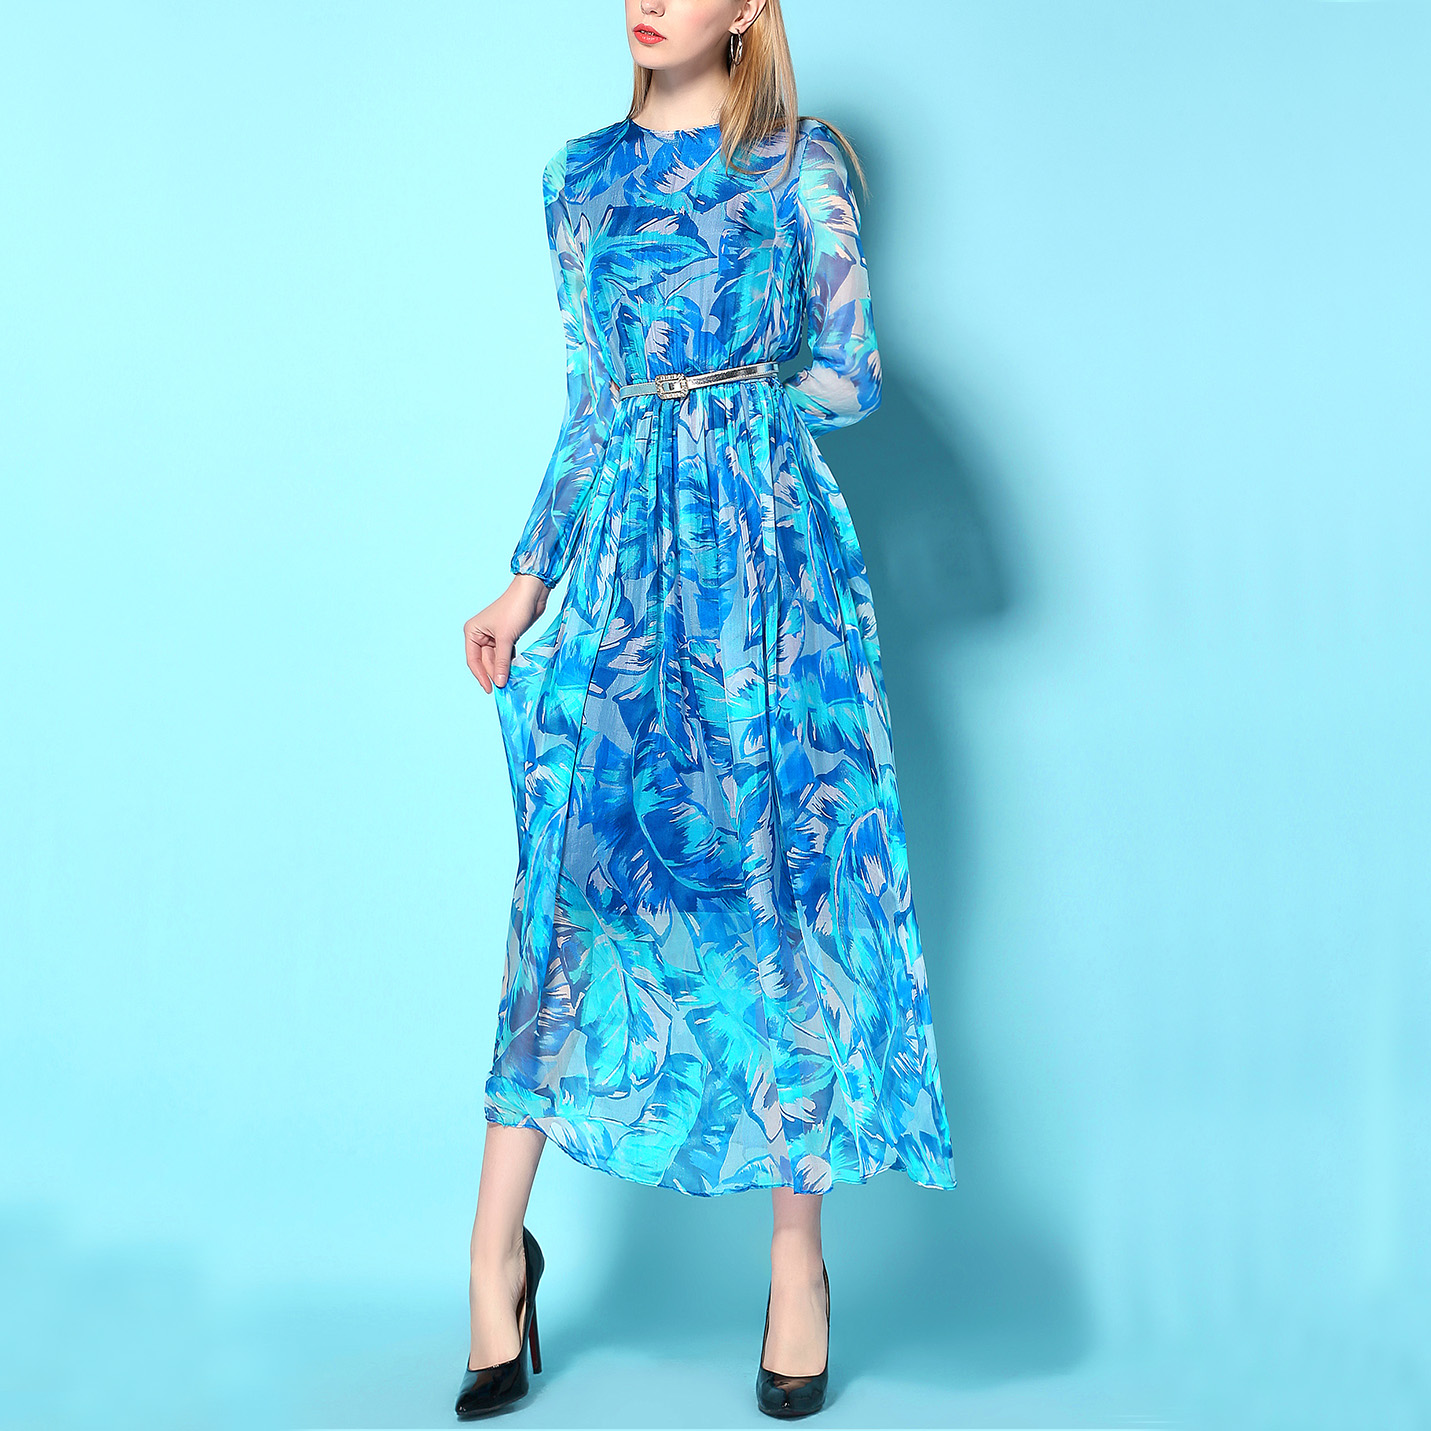 七月的海~奢华春夏复古长袖防晒宝蓝印花桑蚕丝超长OL连衣裙